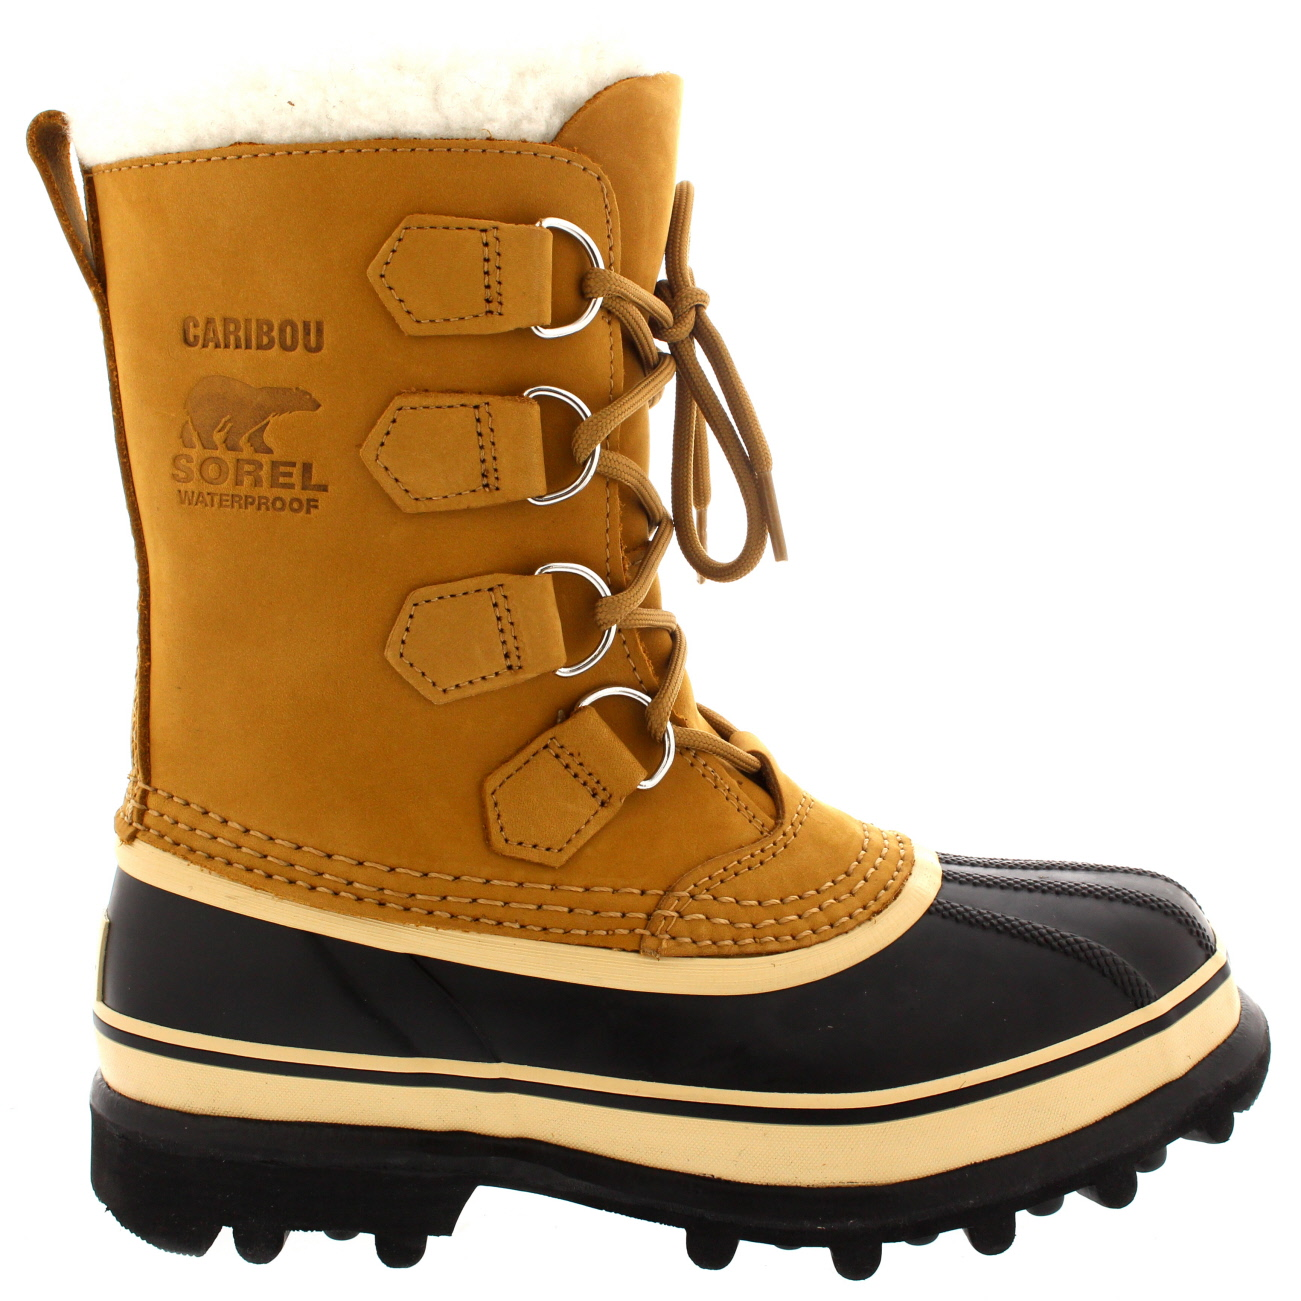 Señoras Sorel Caribou nieve invierno cálida lluvia de Piel de Ante Botas Mitad de Pantorrilla Todas Las Tallas